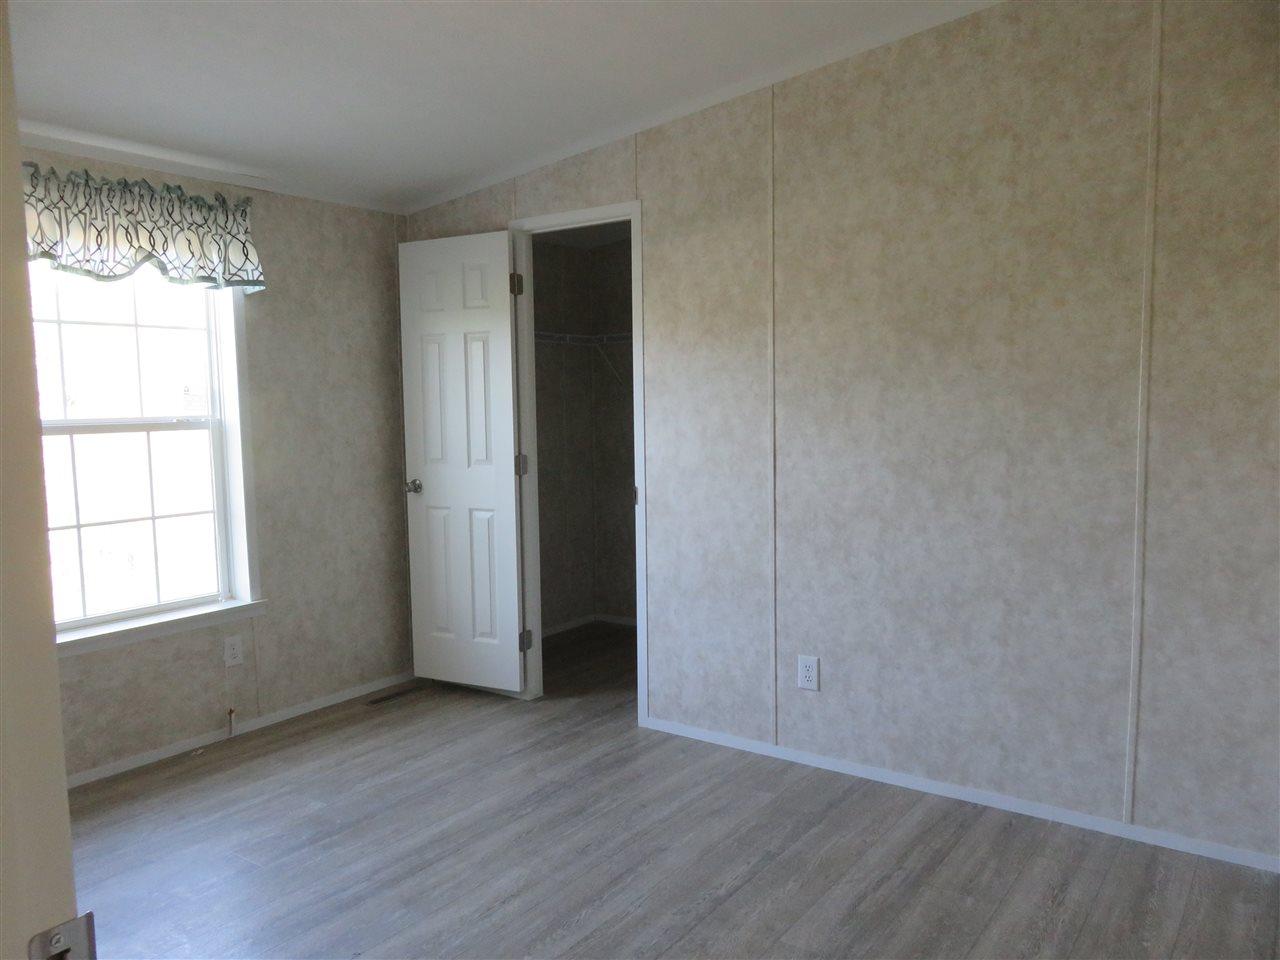 Bedroom 12325612